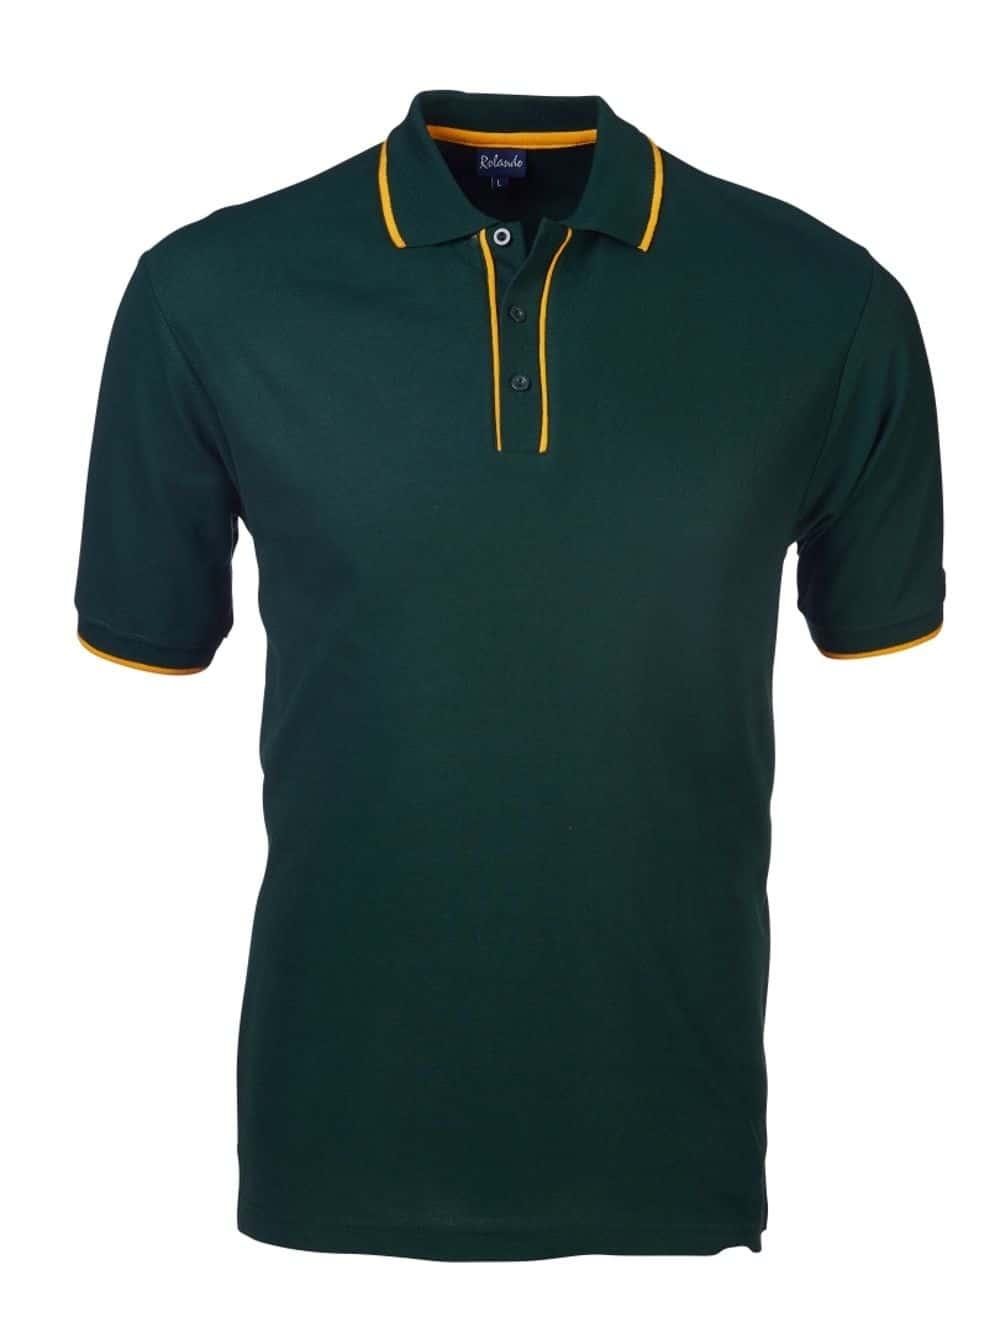 180G Arabella Pique Golf Shirt Golf Shirts